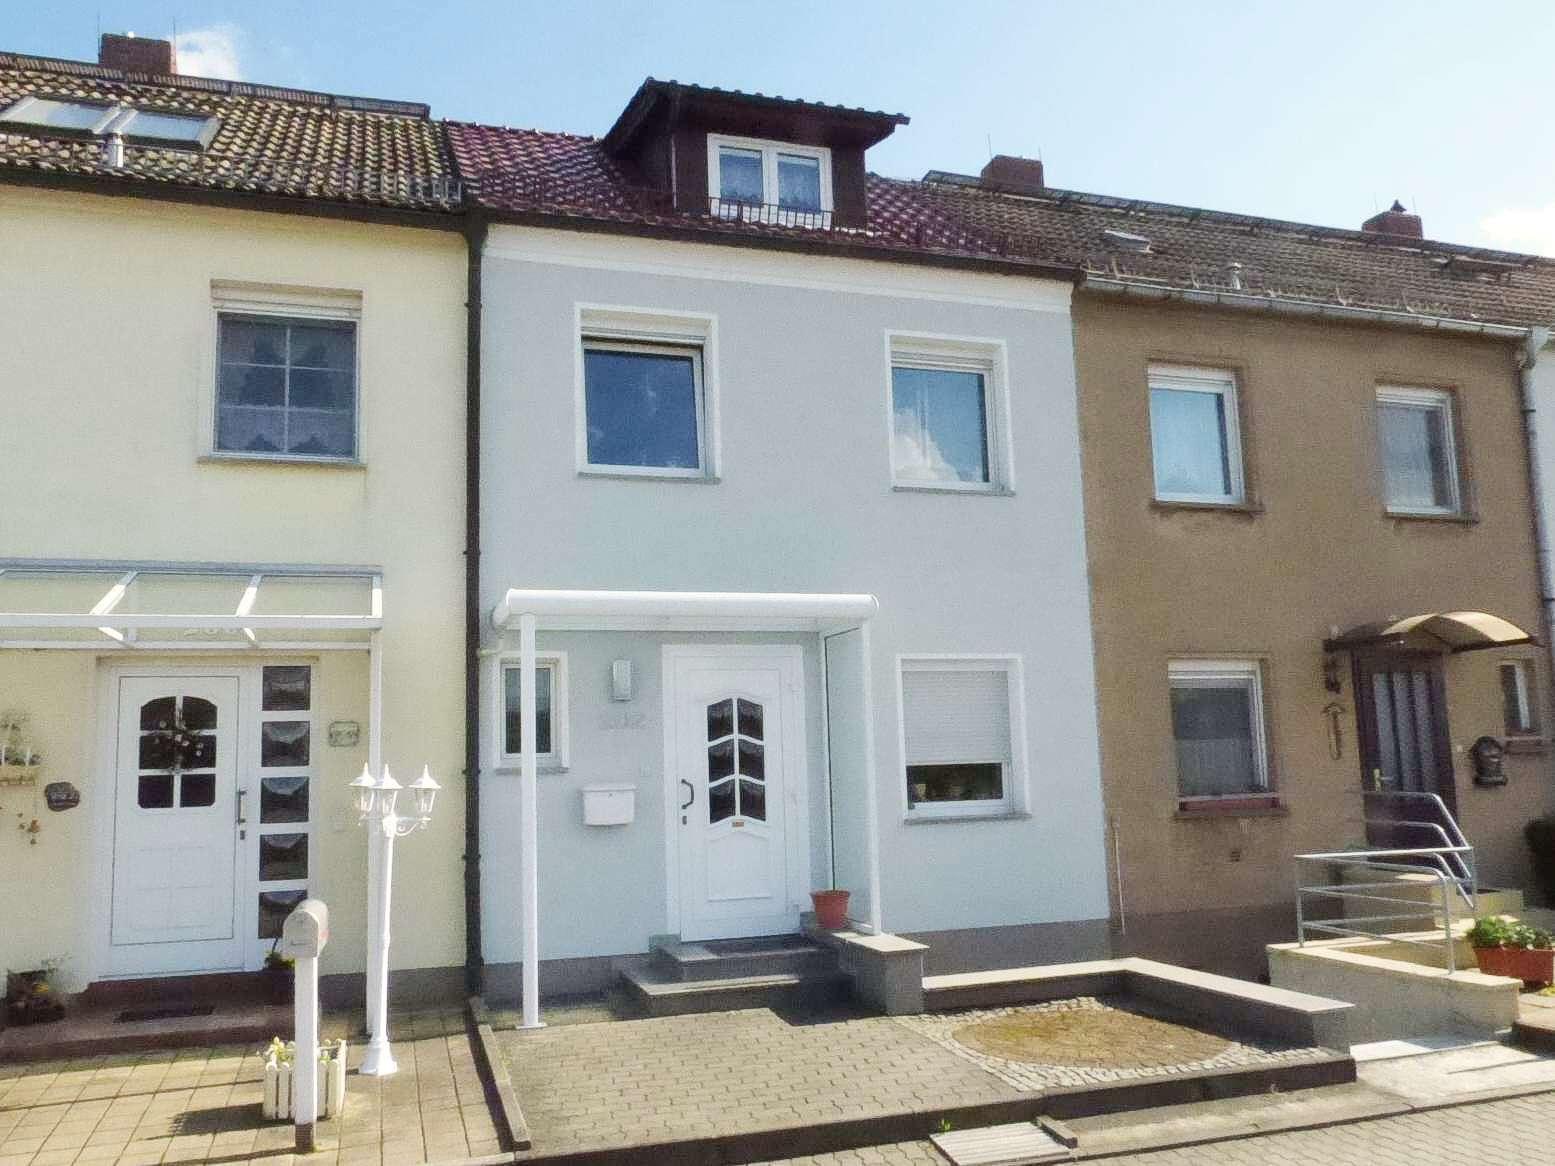 Riesa - Merzdorf, prima Haus im top Zustand, nur noch einziehen und wohlfühlen - Haus zum Kauf in Riesa